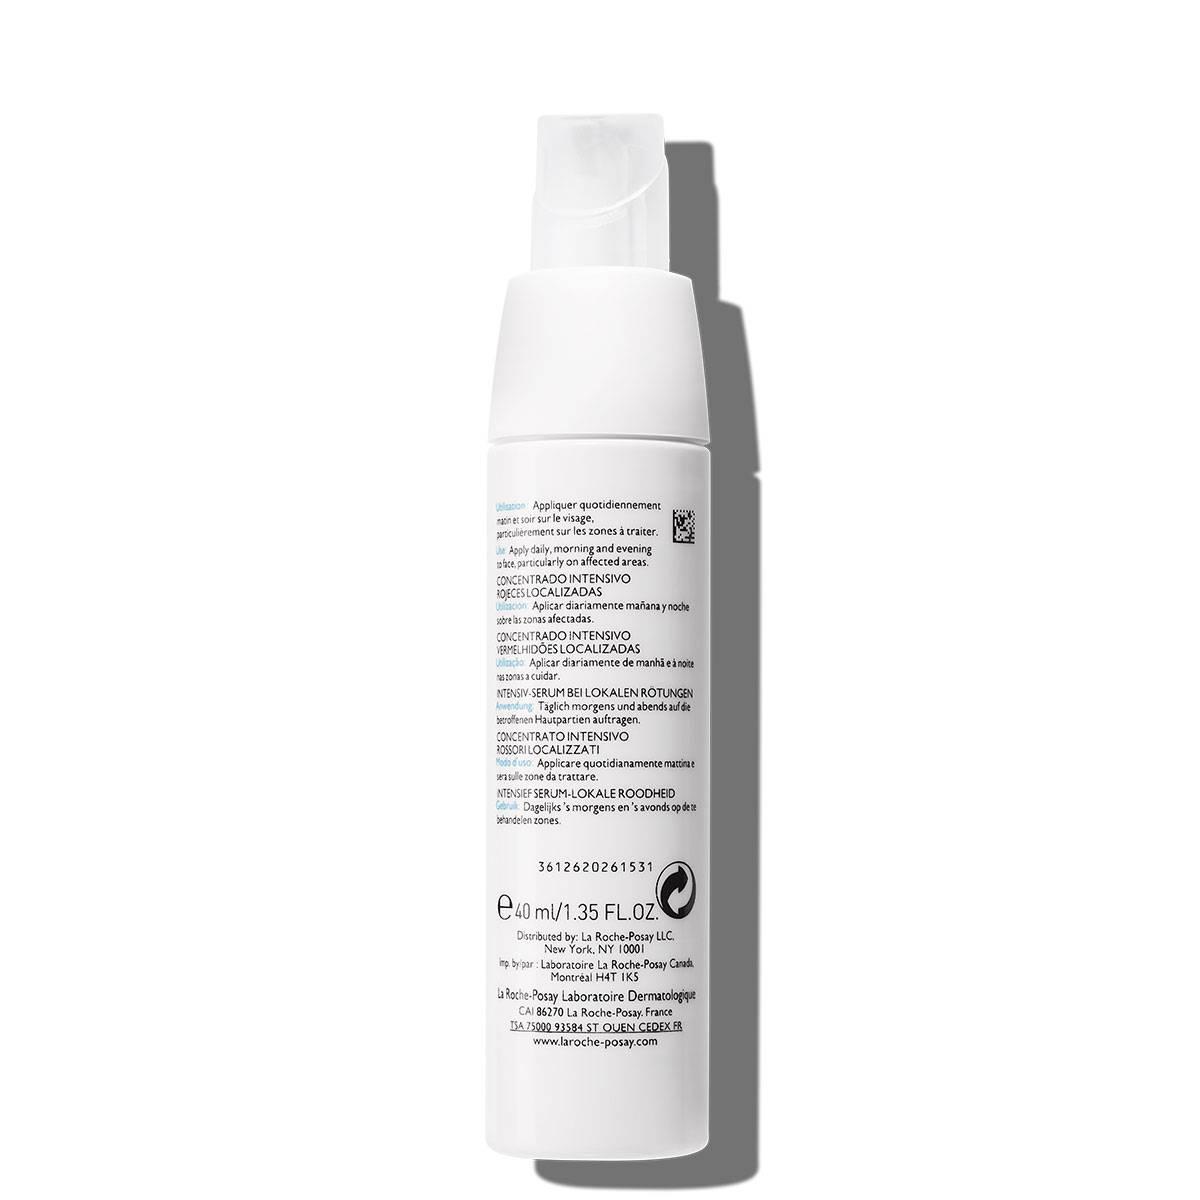 La Roche Posay Produktsida Ansiktsvård Rosaliac AR Intense 40ml 33378724